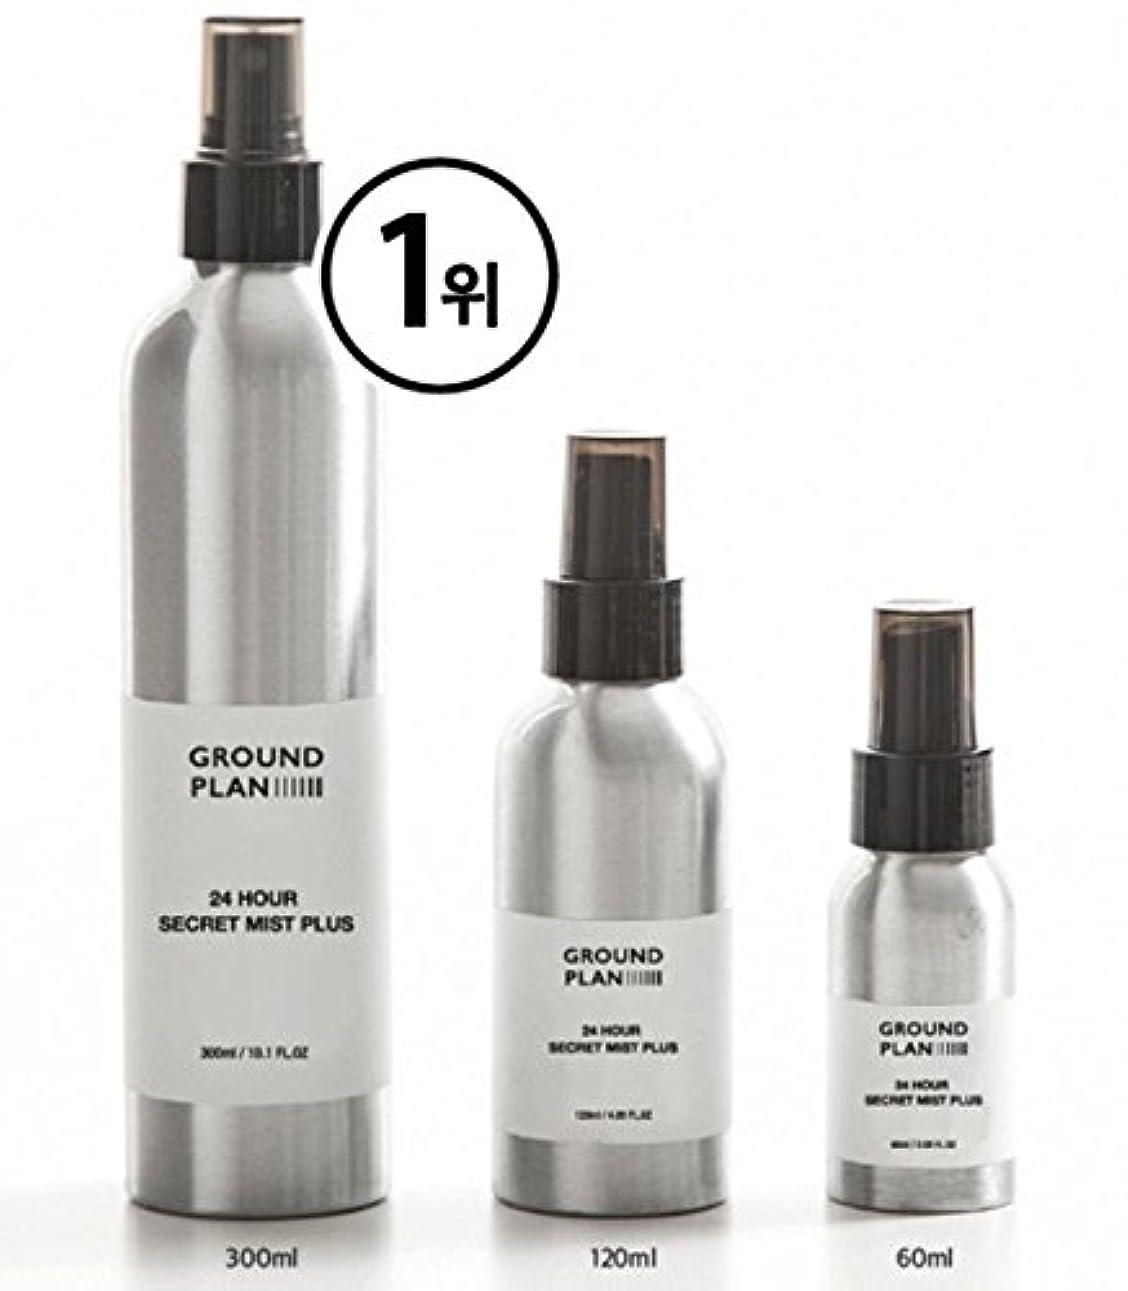 迷惑桁結び目[グラウンド?プラン] 24Hour 秘密 スキンミスト Plus (120ml) (300ml) Ground plan 24 Hour Secret Skin Mist Plus [海外直送品] (300ml)